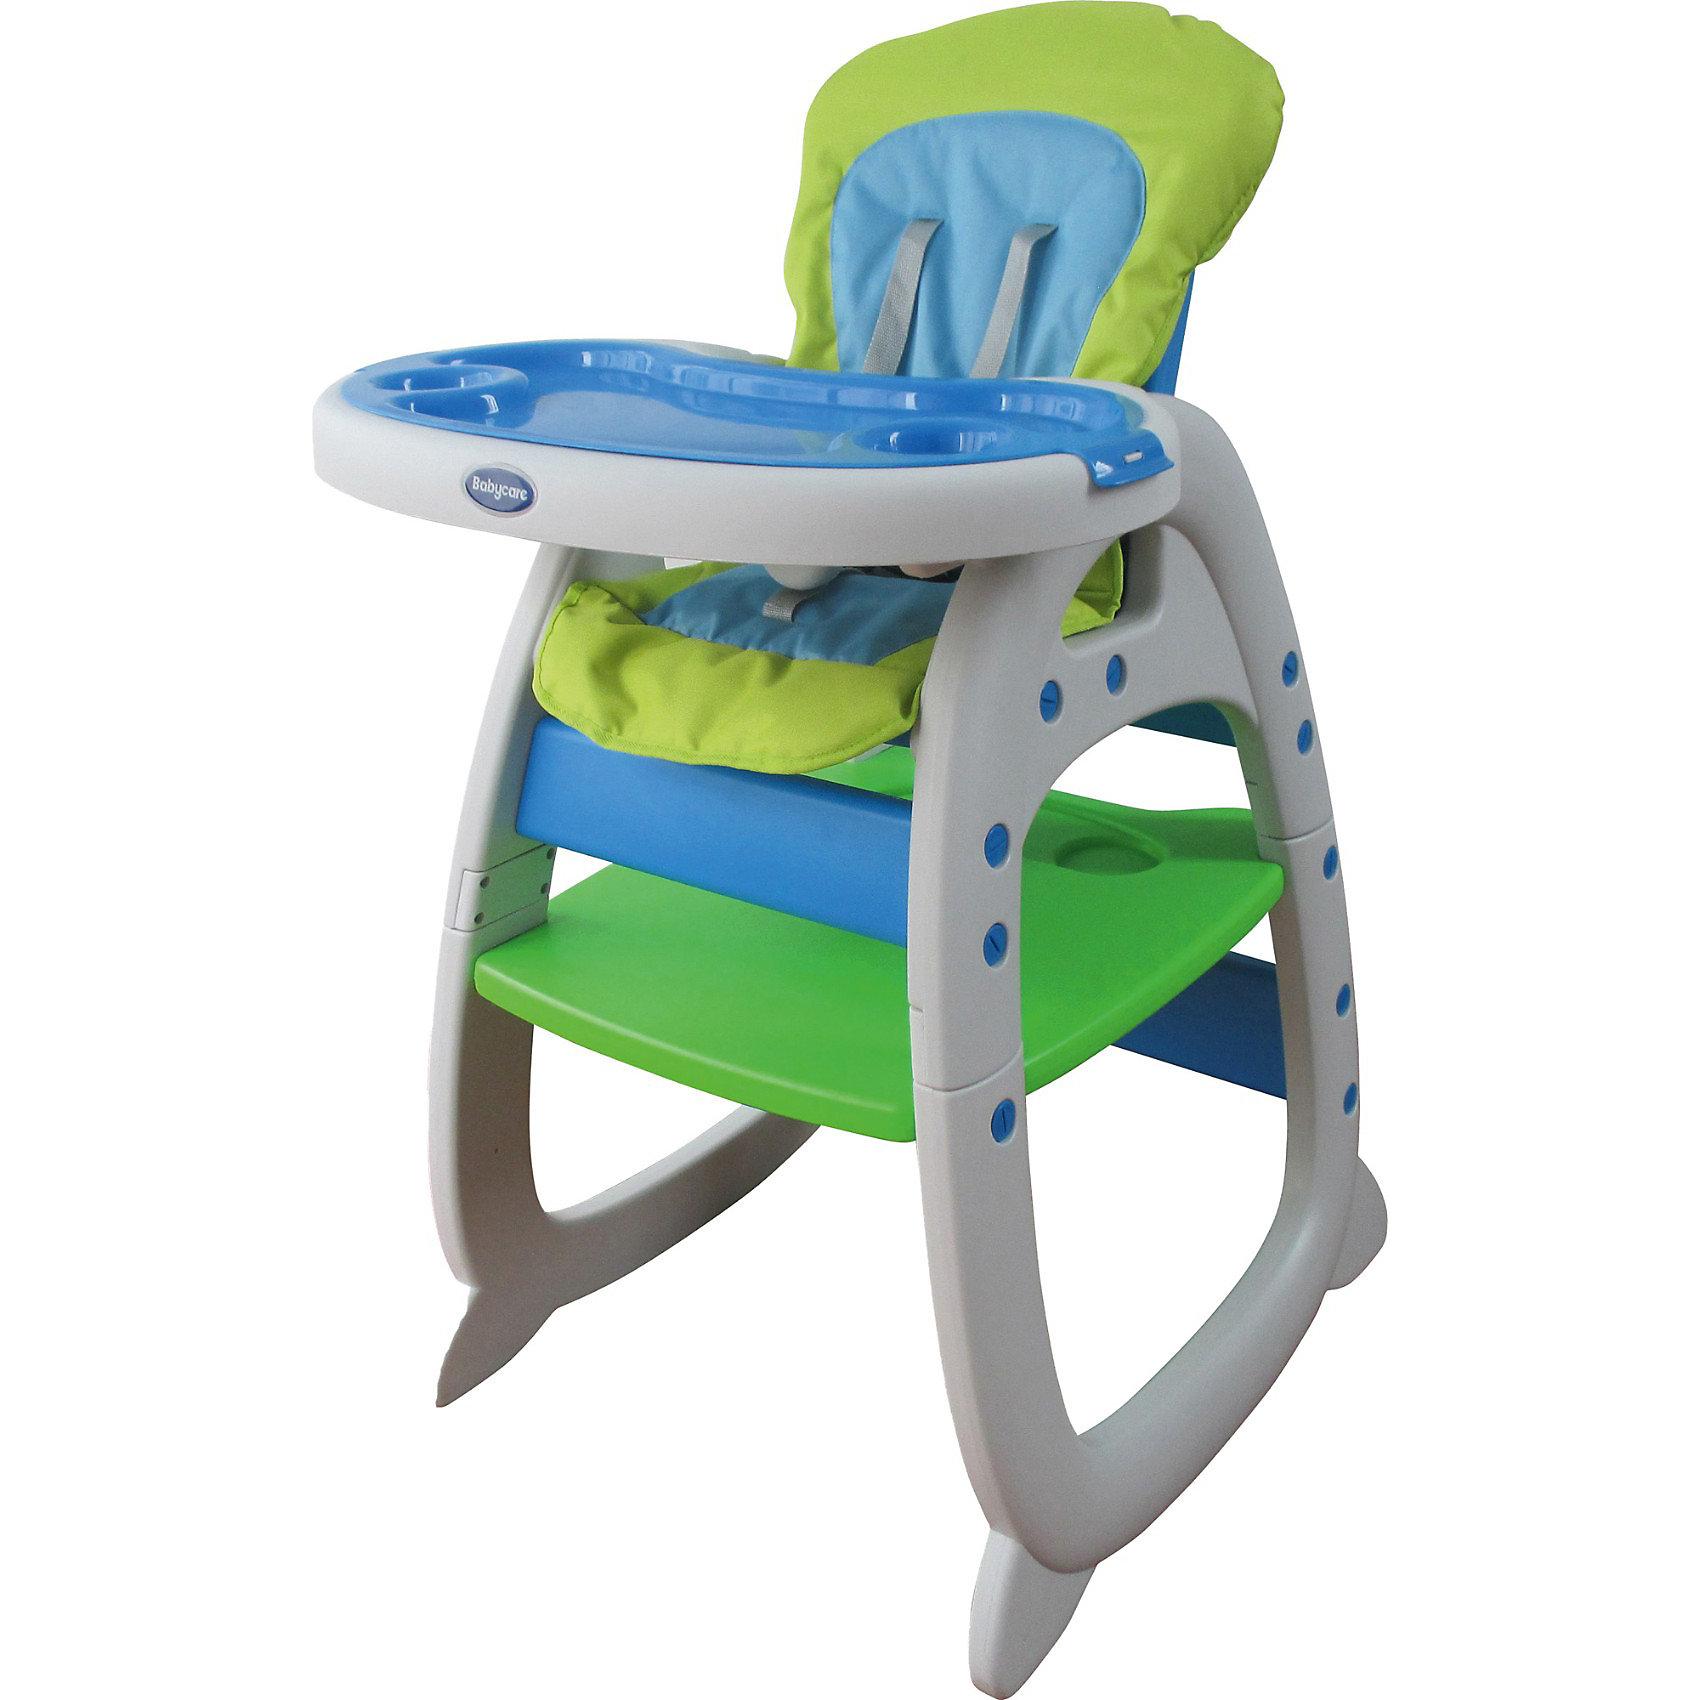 Стульчик-трансформер O-ZONE, Baby Care, зеленыйХарактеристики:<br><br>• комплект O-ZONE используется как стульчик для кормления и как столик со стульчиком;<br>• конструкция: трансформер;<br>• регулируется спинка: 3 положения;<br>• регулируется глубина столешницы: 3 положения;<br>• имеются 5-ти точечные ремни безопасности;<br>• съемный поднос с углублениями для посуды;<br>• съемные чехлы: стираются при температуре 30 градусов;<br>• материал: пластик, полиэстер (моющееся покрытие);<br>• размер стульчика: 65,5х72х106 см;<br>• вес: 7,6 кг.<br><br>Стульчик-трансформер для кормления малыша и использования как парты со стульчиком – комплект 2в1 для детей в возрасте от 6 месяцев до 3-х лет. Стульчик оснащен ремнями безопасности, имеет регулируемые угол наклона спинки и глубины столешницы. Компактно складывается для хранения и транспортировки. <br><br>Стульчик-трансформер O-ZONE, Baby Care, зеленый можно купить в нашем интернет-магазине.<br><br>Ширина мм: 660<br>Глубина мм: 270<br>Высота мм: 550<br>Вес г: 8700<br>Цвет: зеленый<br>Возраст от месяцев: 6<br>Возраст до месяцев: 36<br>Пол: Унисекс<br>Возраст: Детский<br>SKU: 3872047